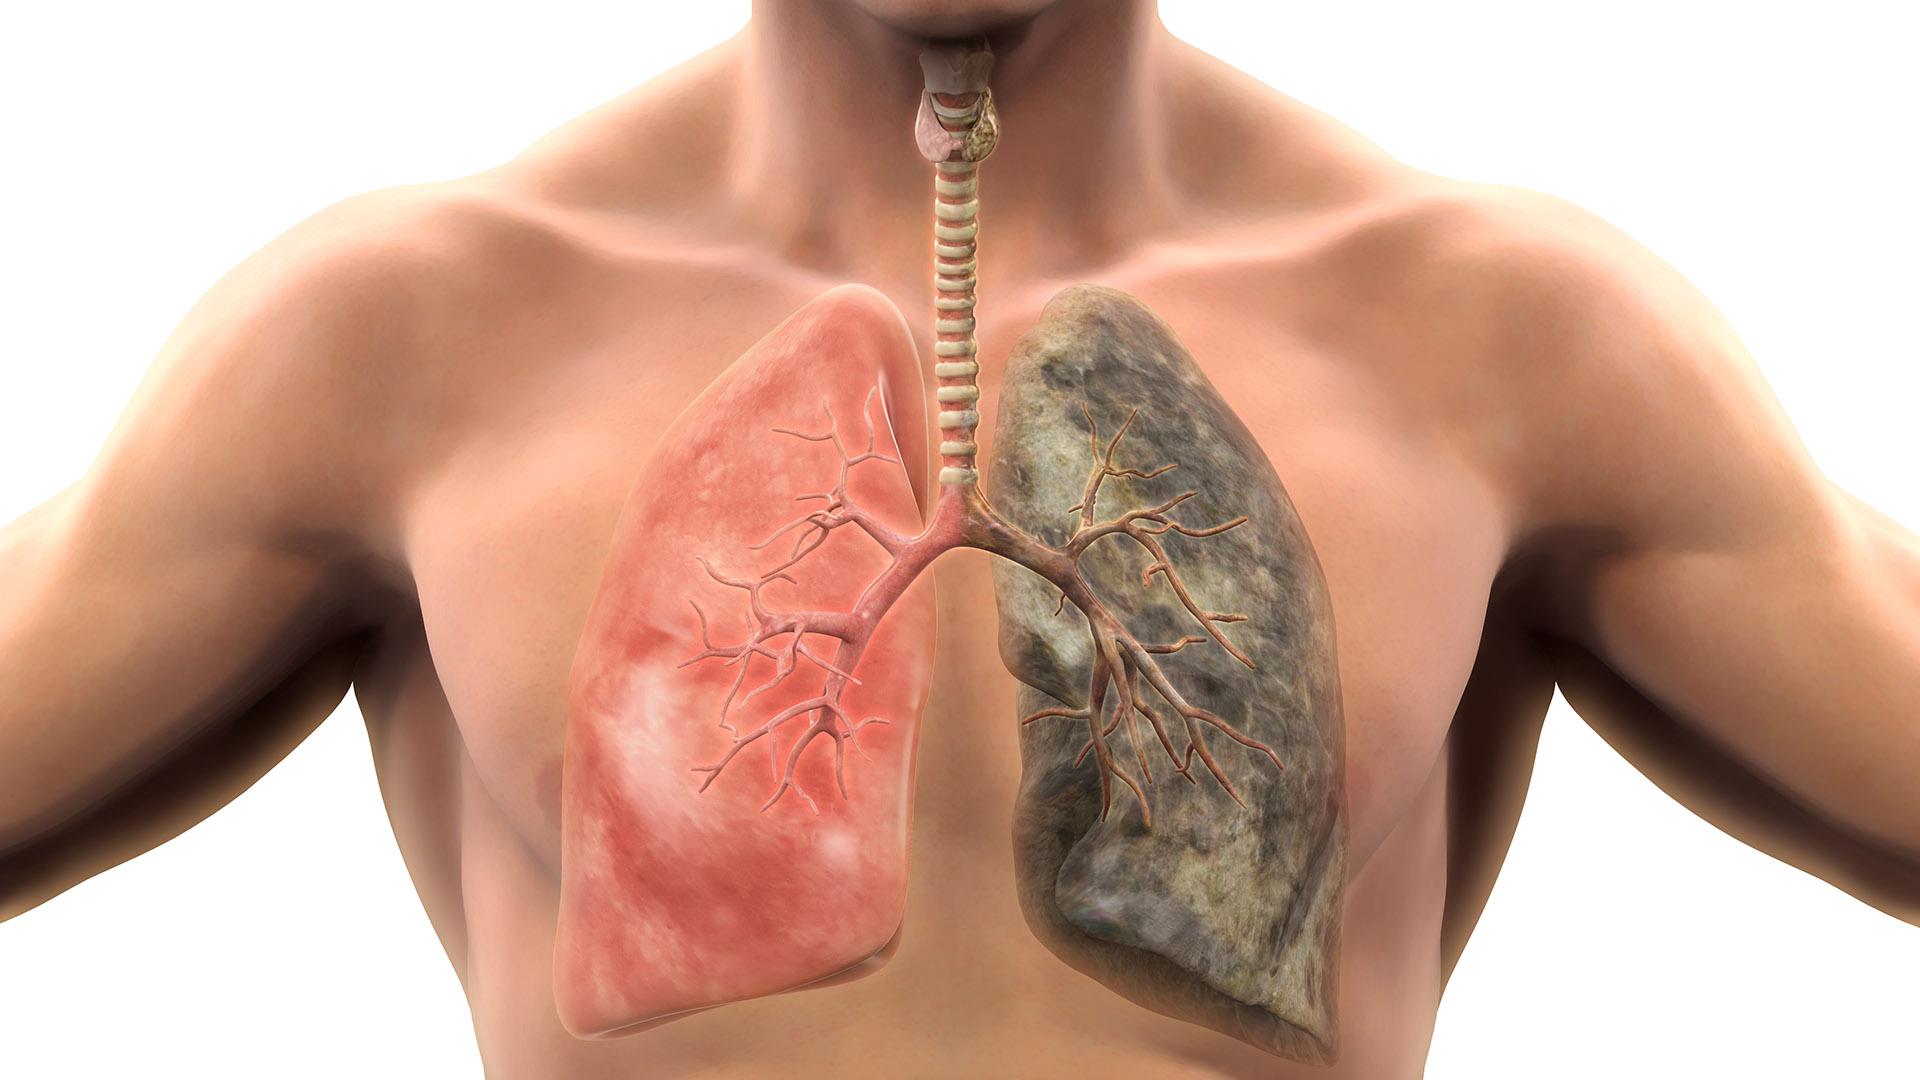 Un pulmón sano y otro bajo lo efectos del tabaco (Shutterstock)